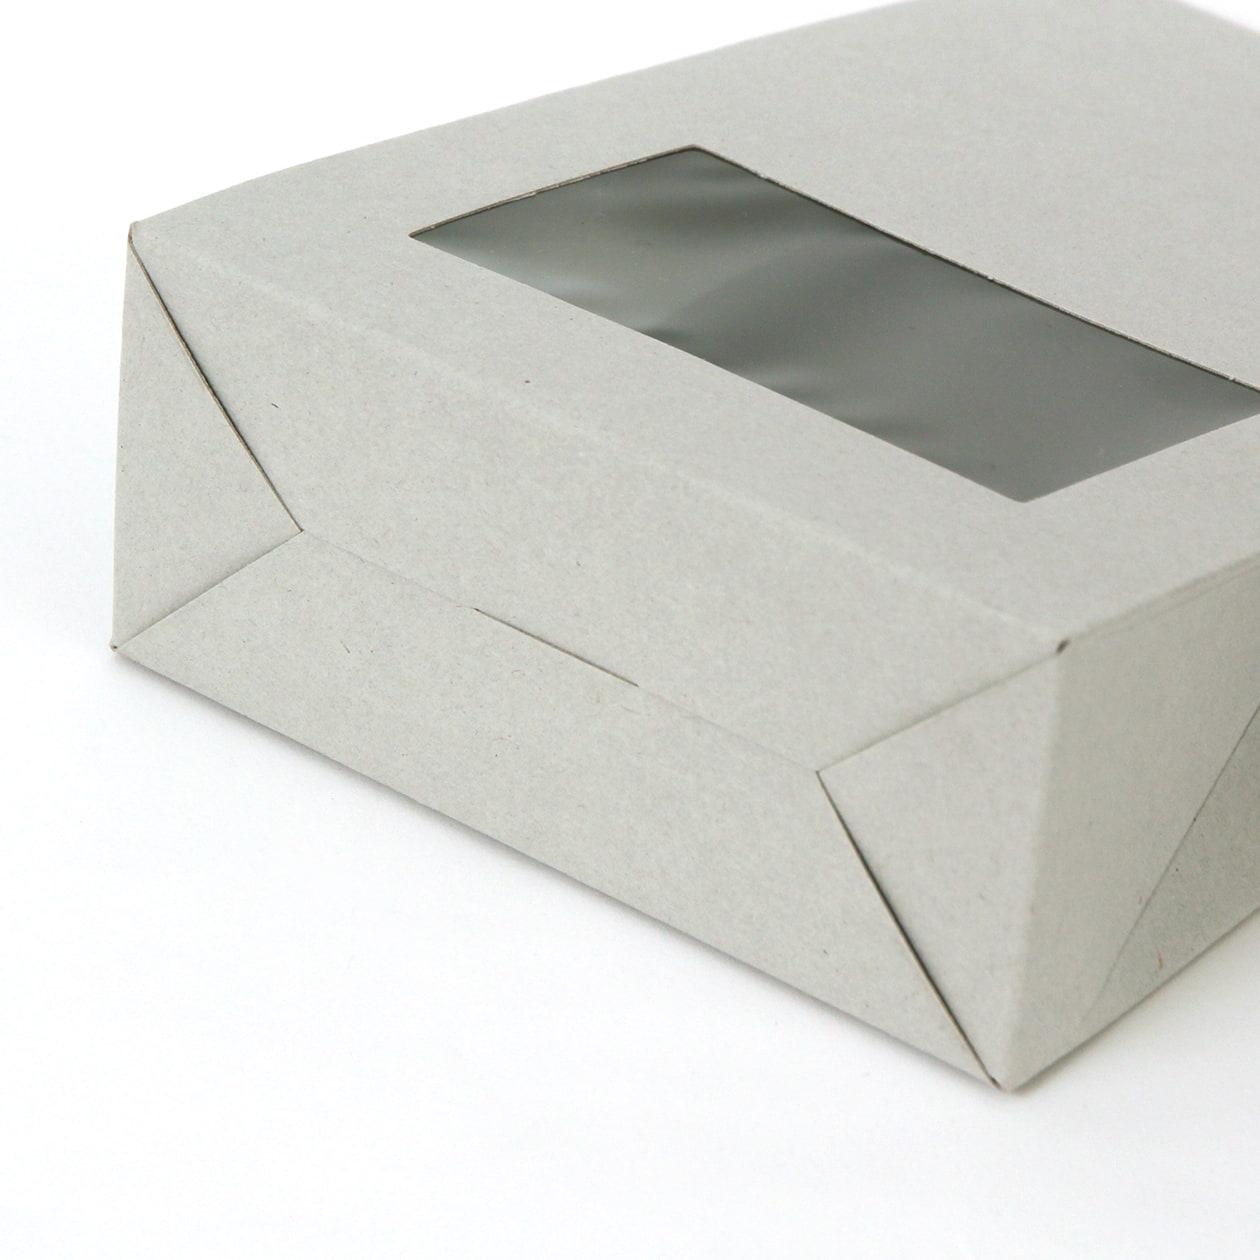 角底箱ロック式120×180×50 窓付 ボード紙 グレー 270g